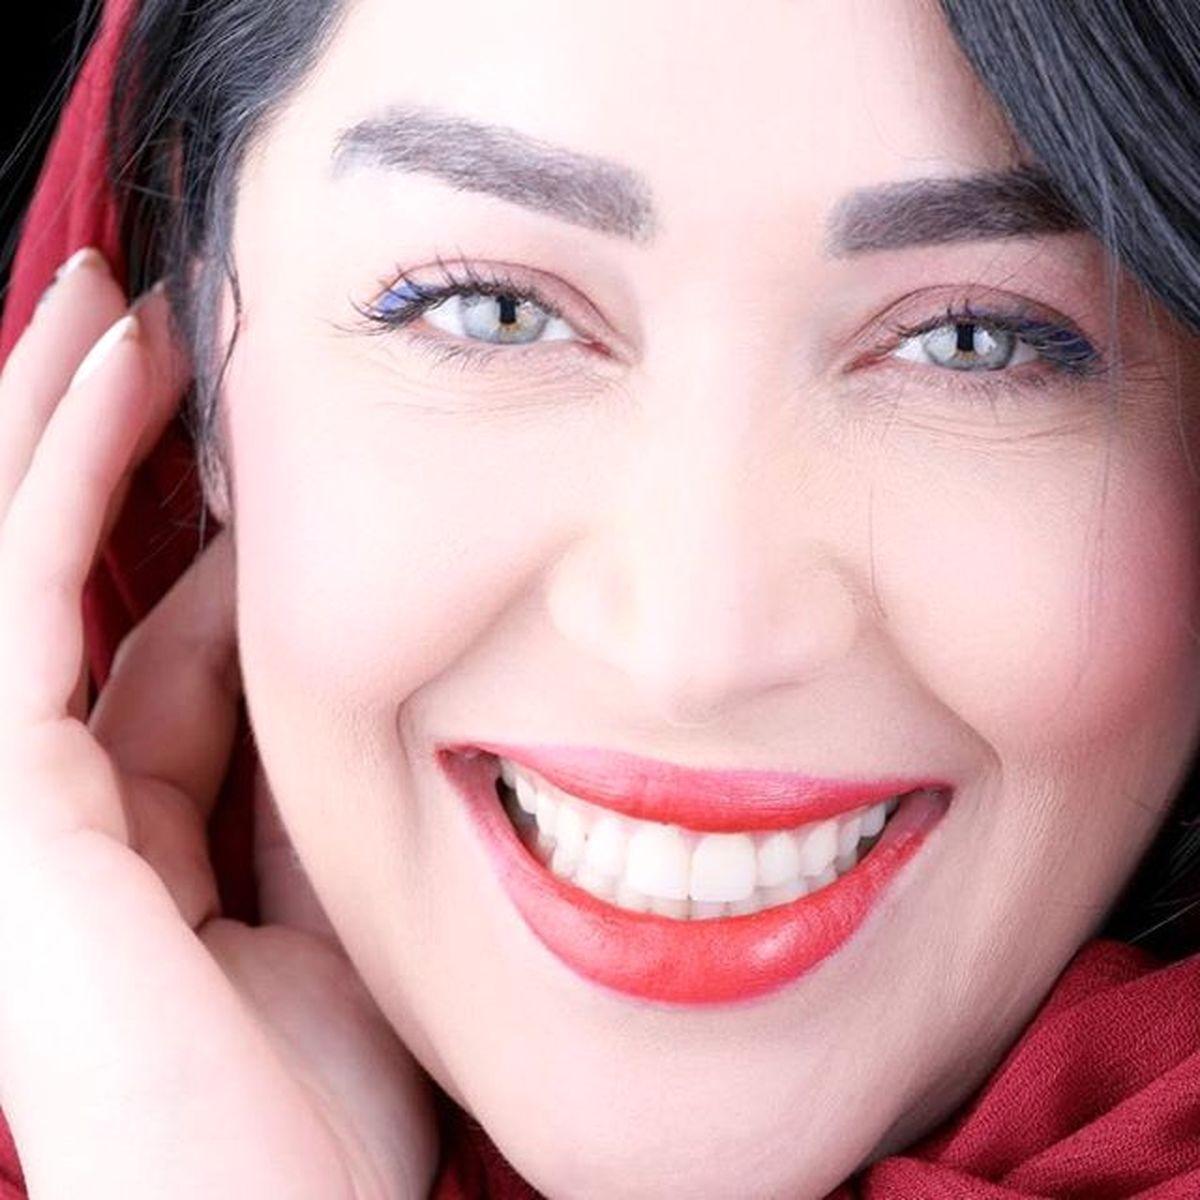 عکس لورفته از بازیگر سریال گاندو در کنار خواننده مشهور | بیوگرافی سارا منجزی پور